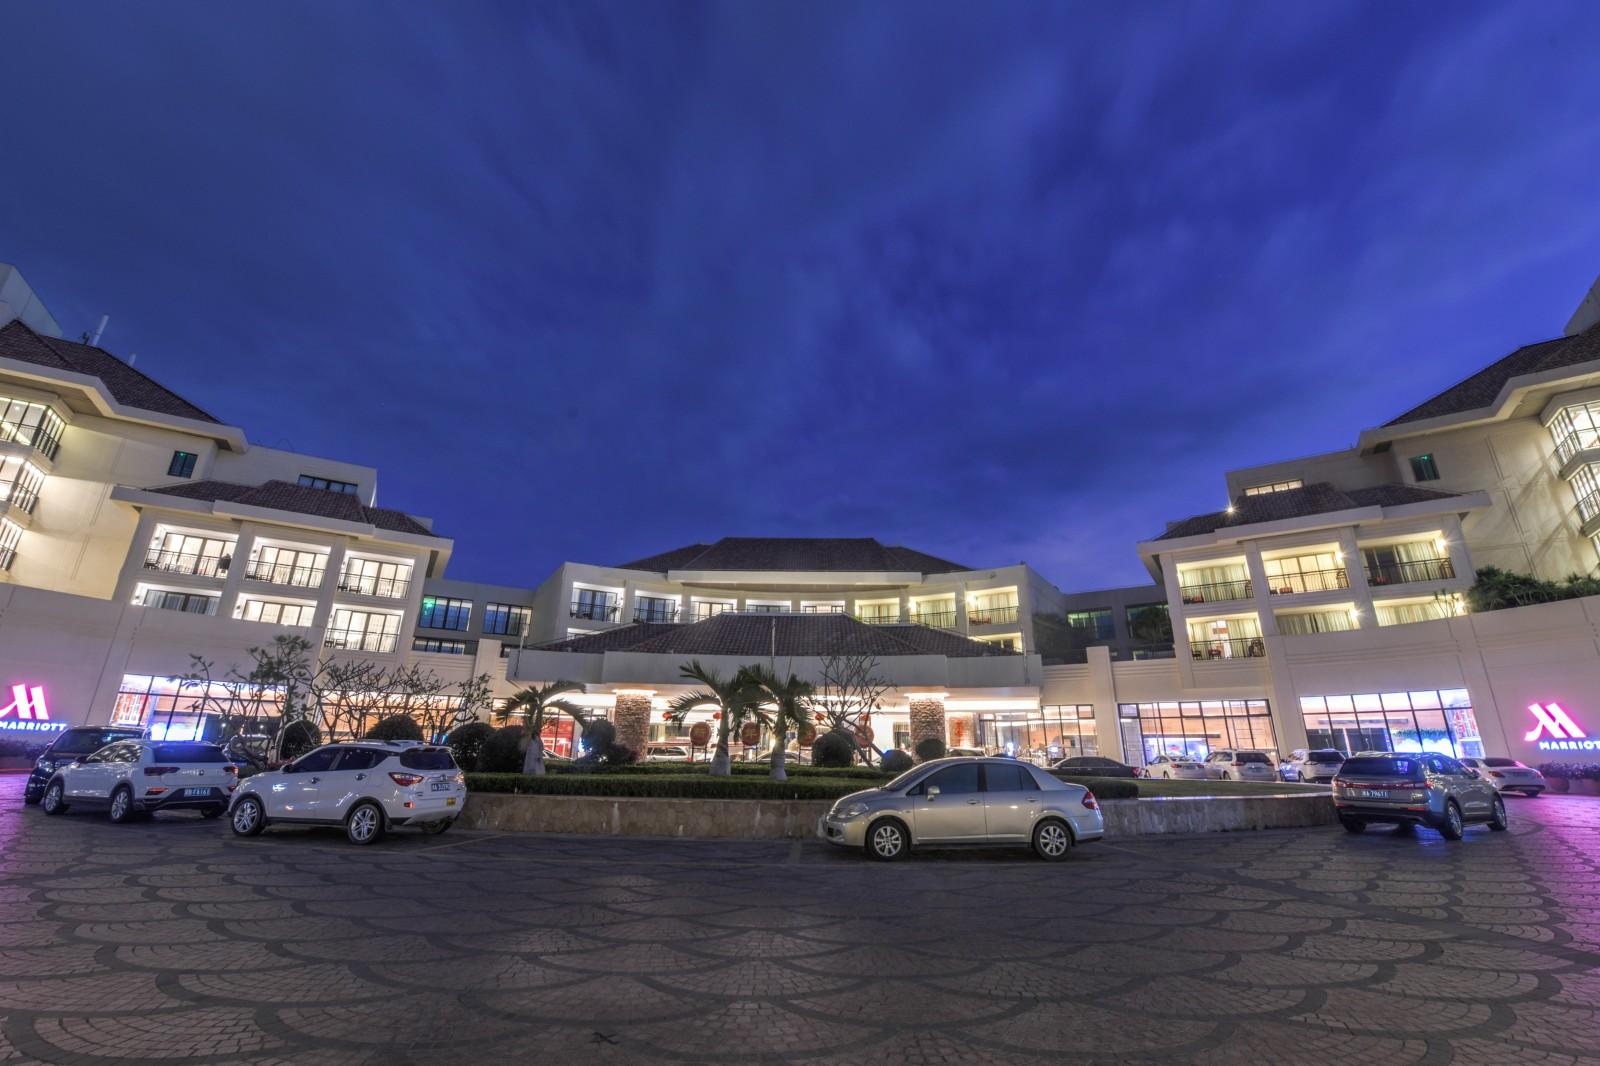 亞龍灣萬豪酒店:避寒度假的優質之選